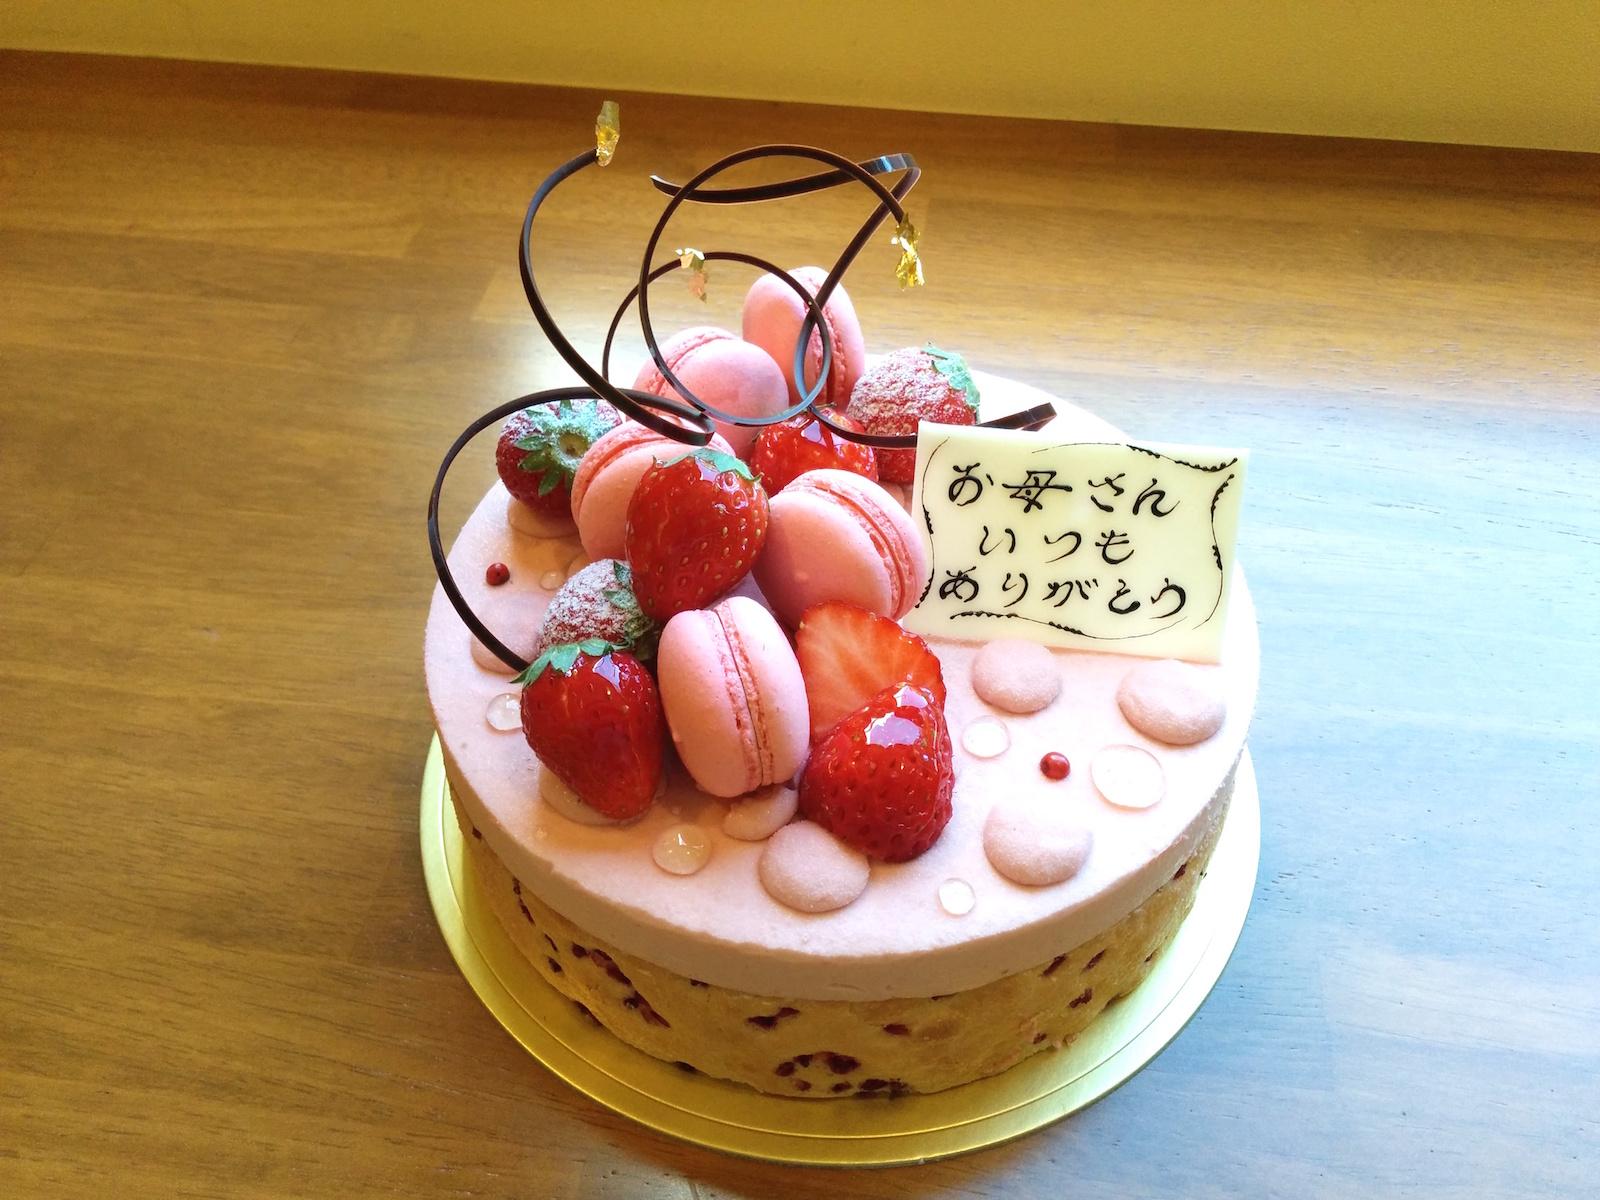 (移行済み)特集:母の日ギフト2016 - woo-roo-goo / 苺とピスタチオのケーキ